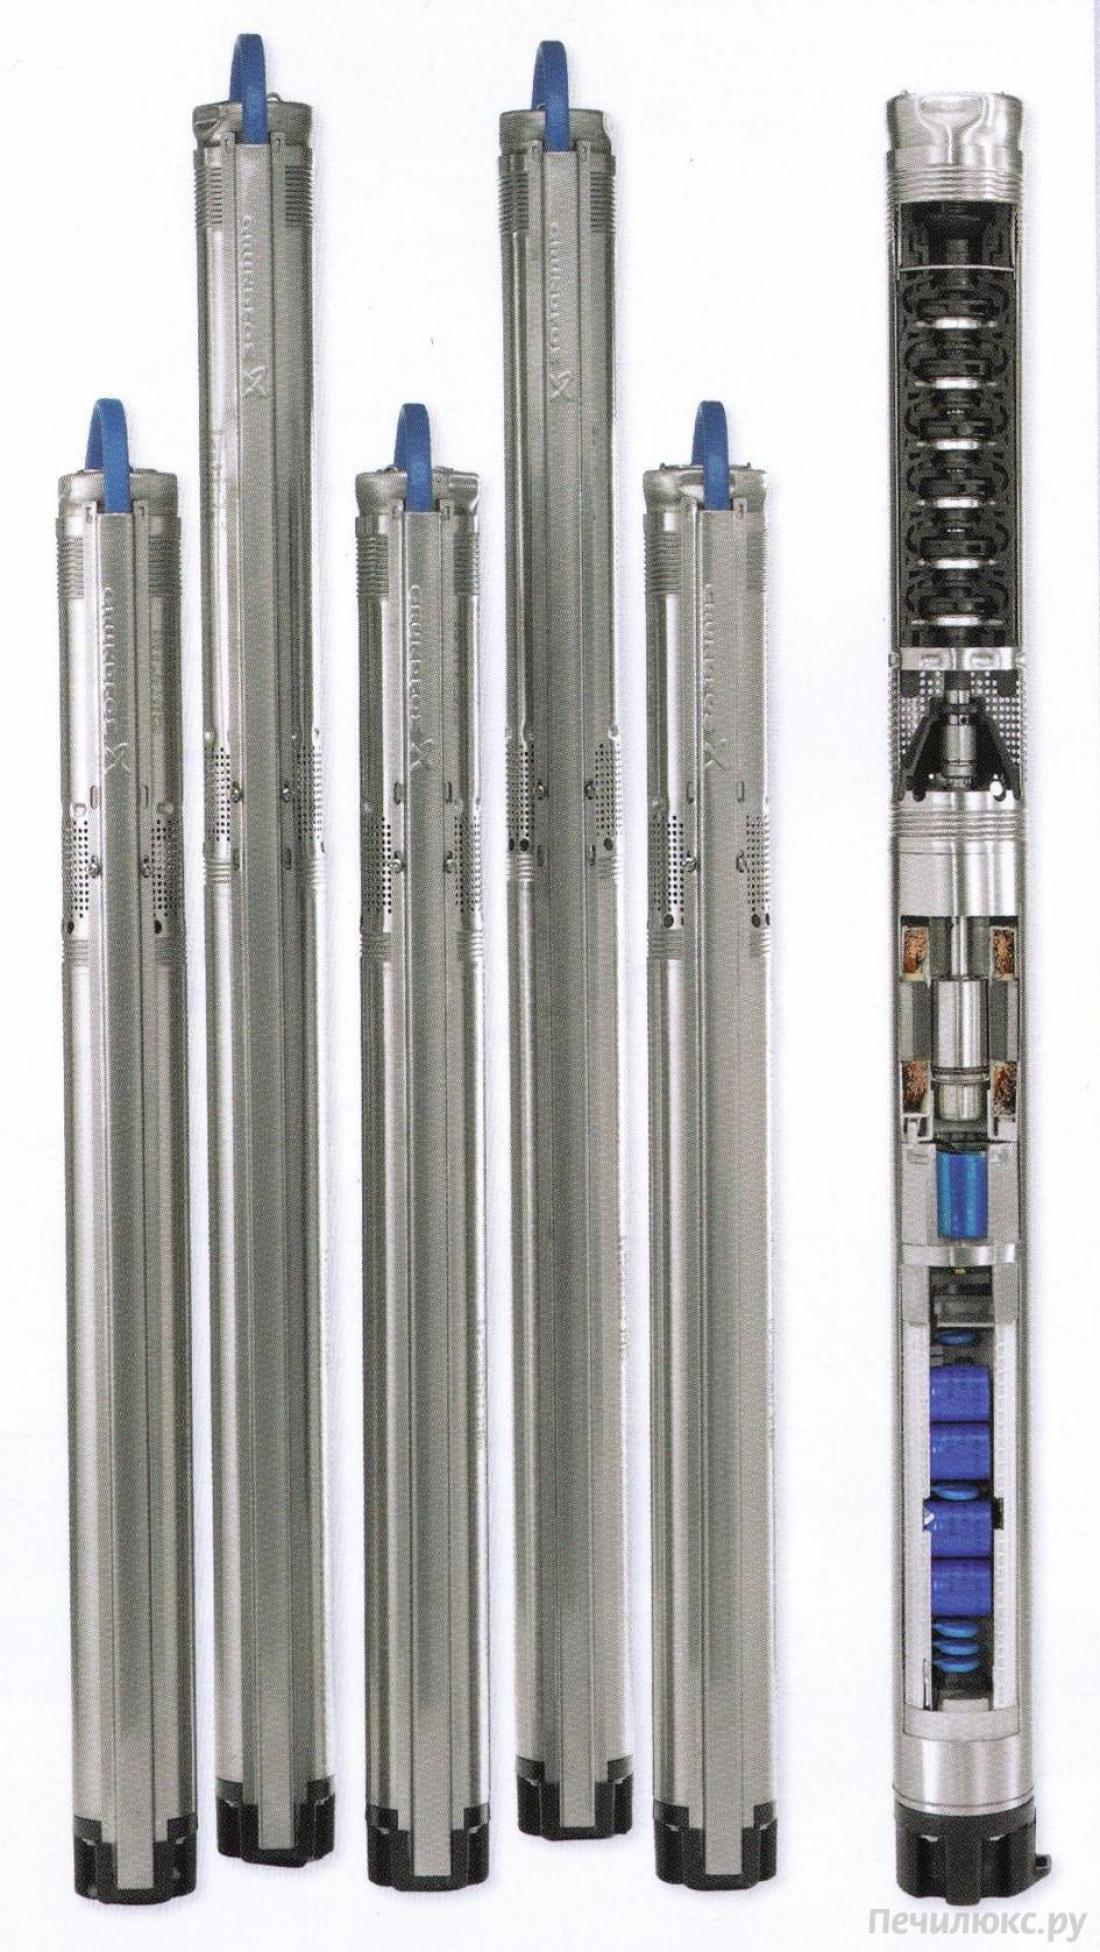 SQE 1-155     1.85kW 200-240V 50/60Hz